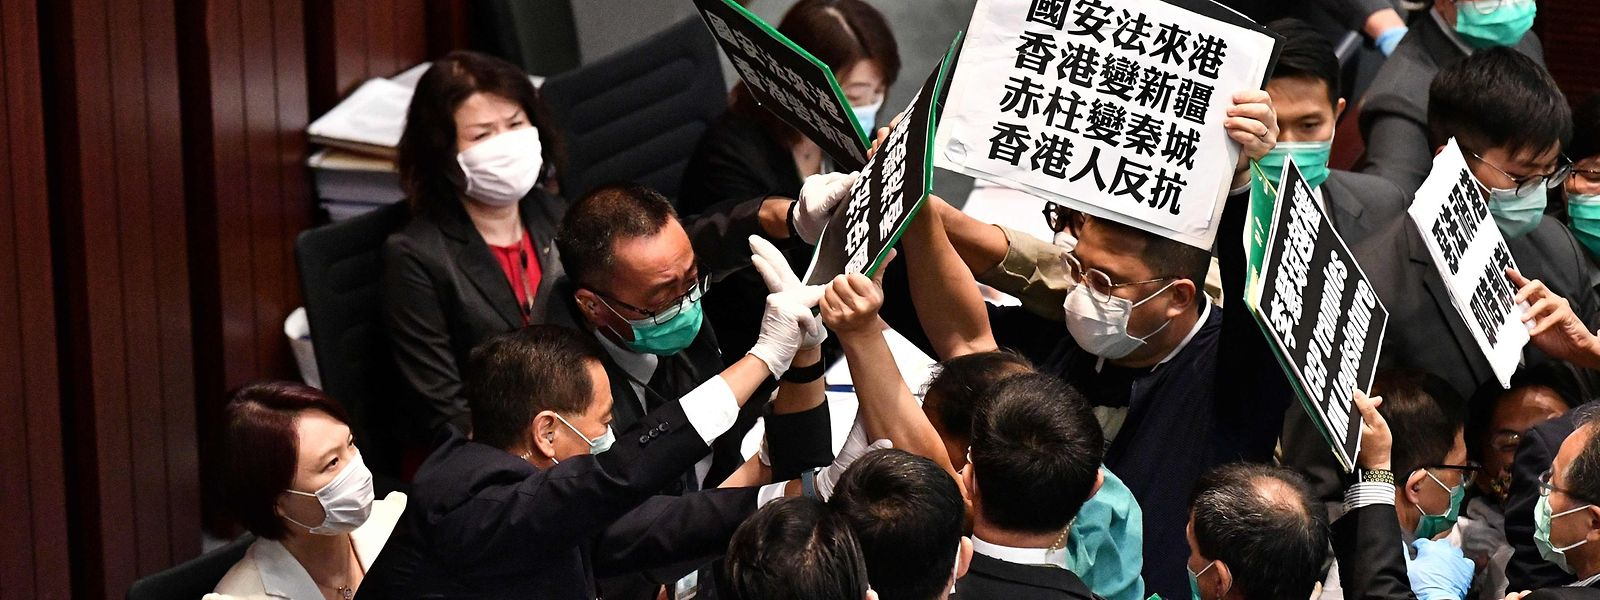 Tumultartige Szenen im Parlament von Hongkong: Pro-Demokratie-Aktivisten werden von Sicherheitskräften bedrängt.